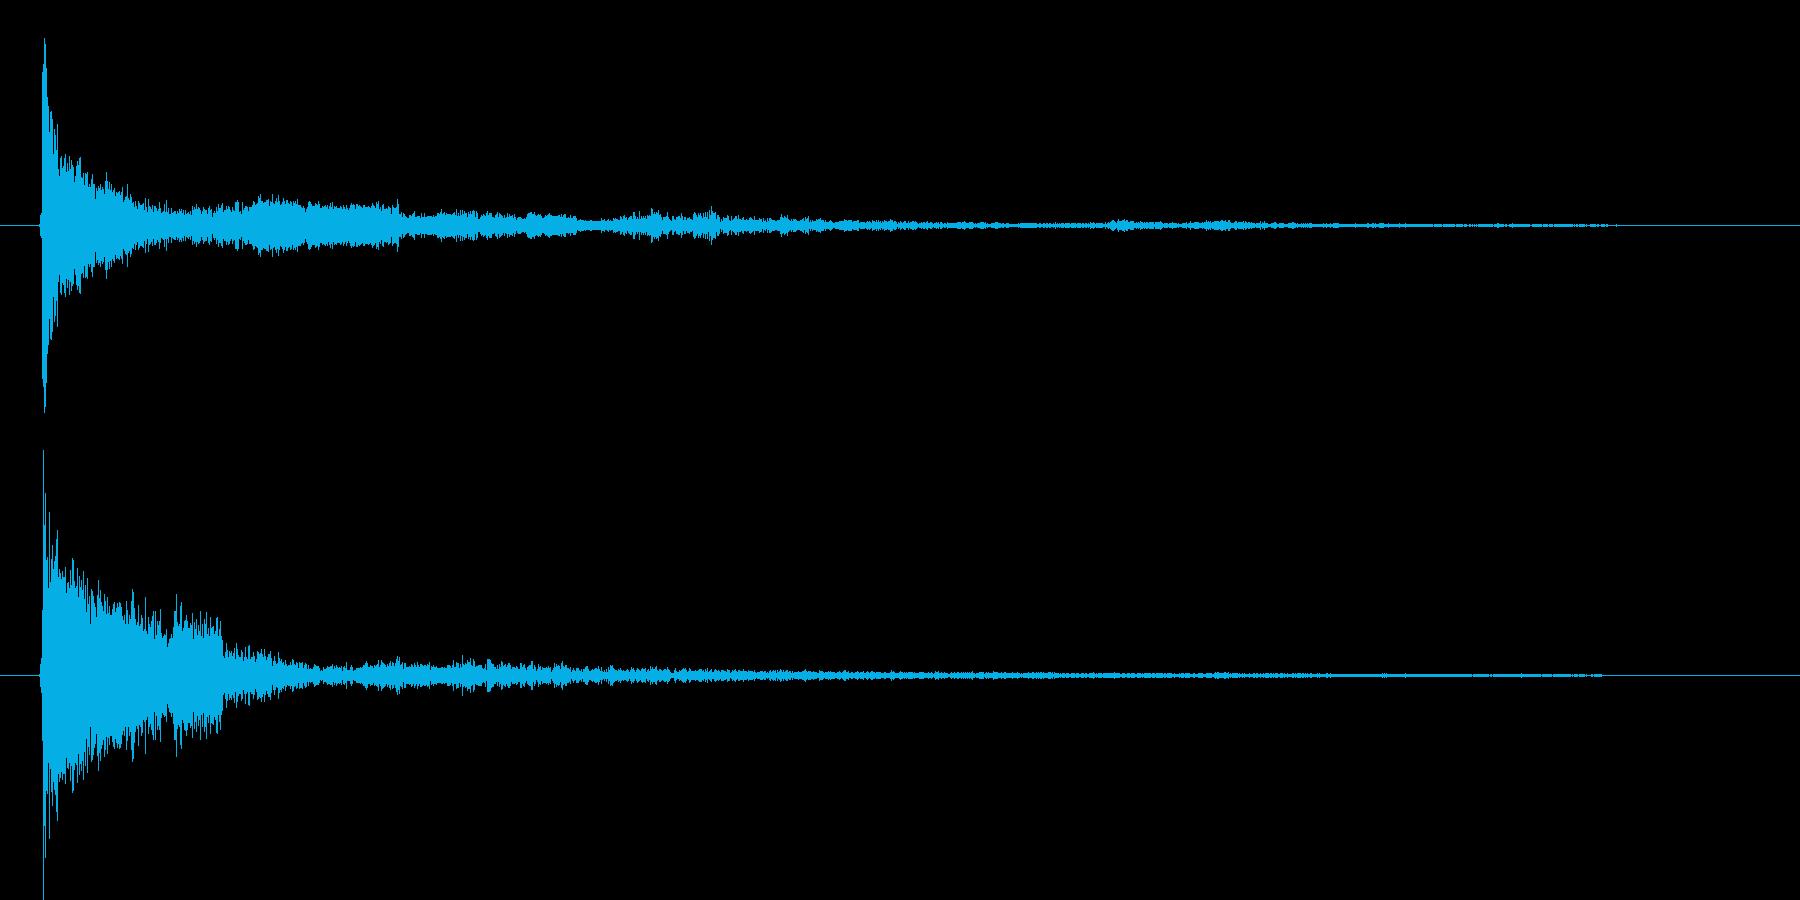 パリーン(ボタンクリック音)の再生済みの波形